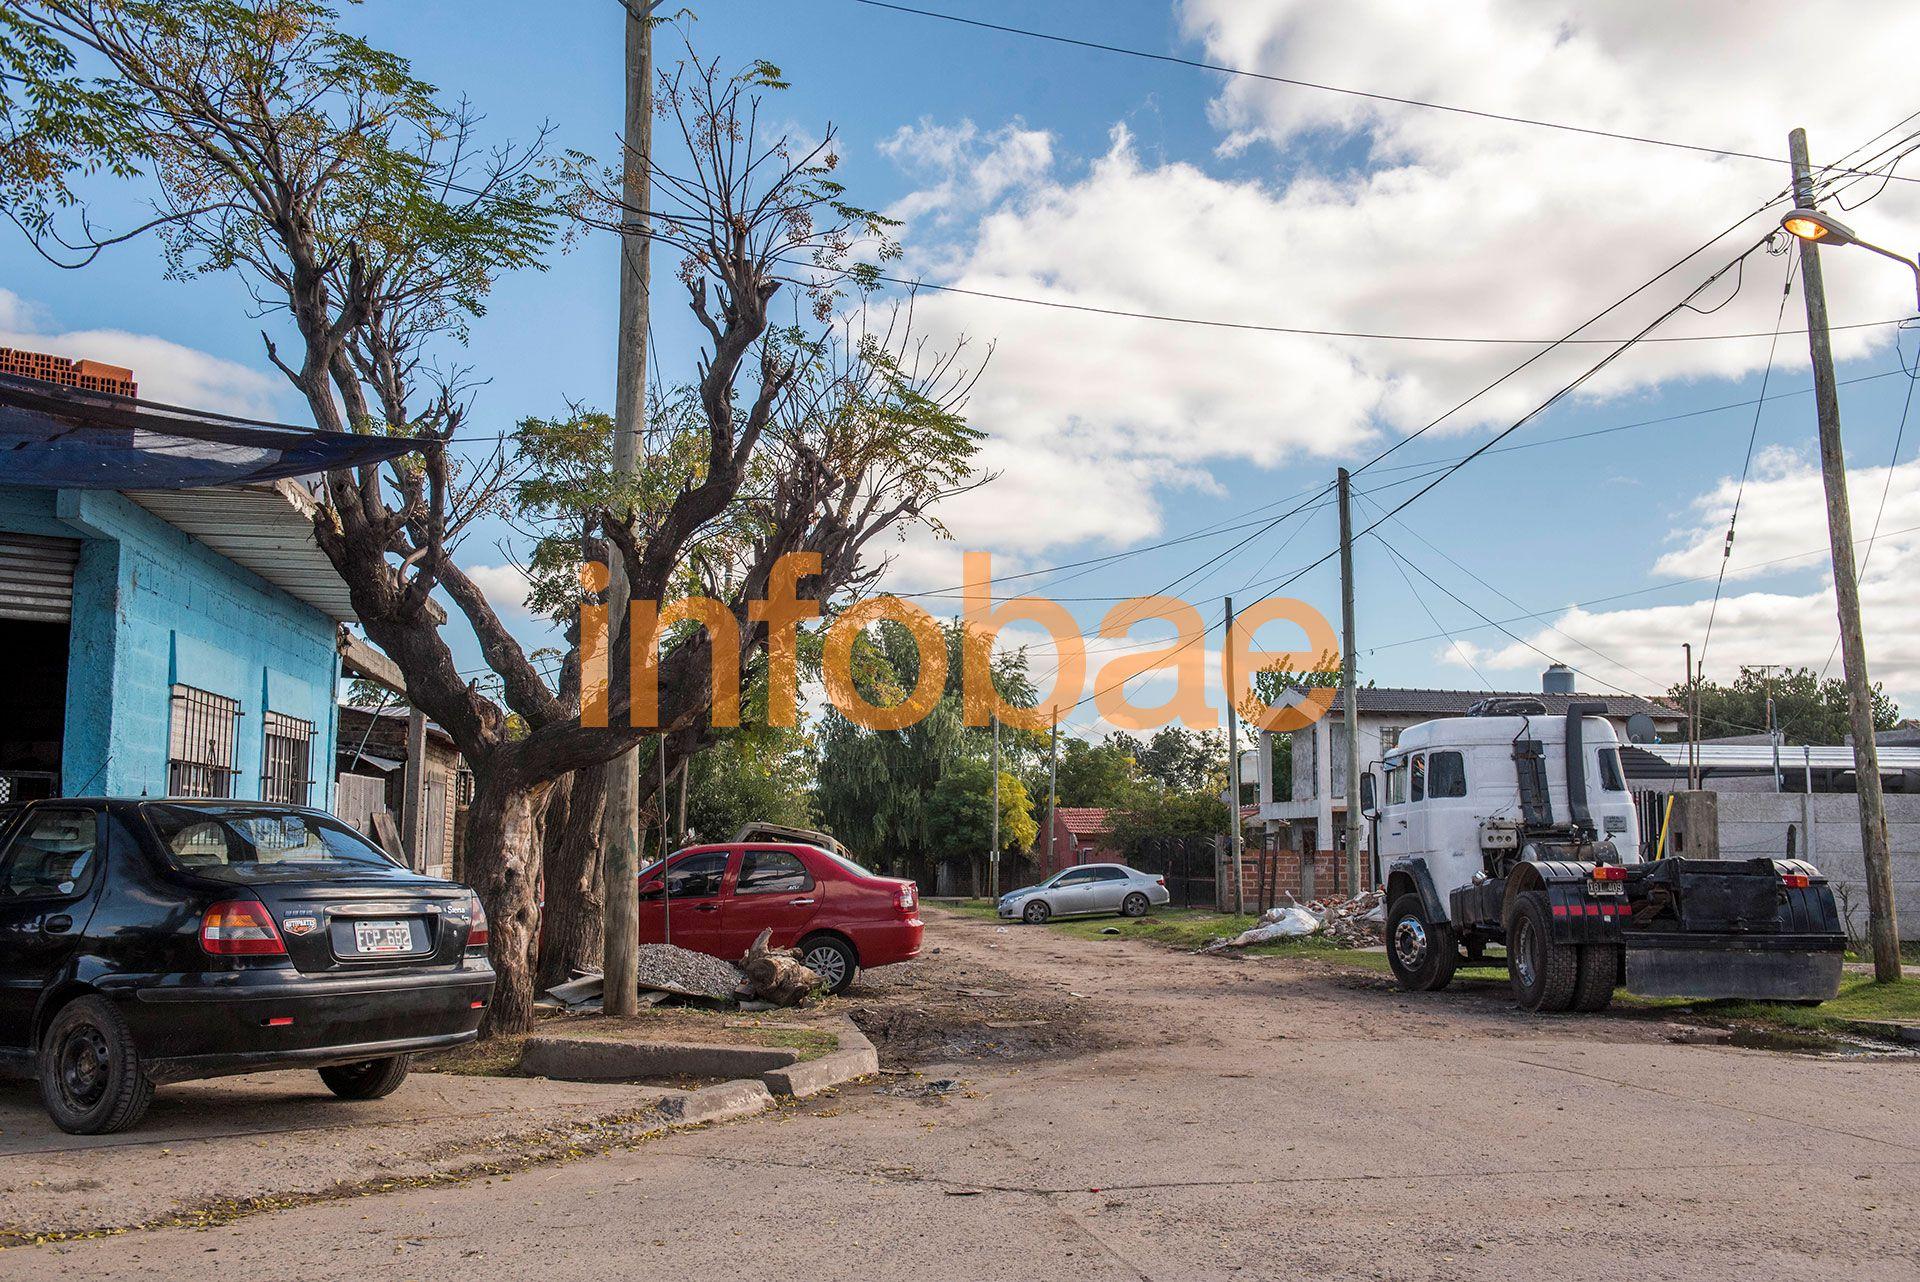 Santa Rosa en Florencio Varela, el barrio de los acusados (Guille Llamos)